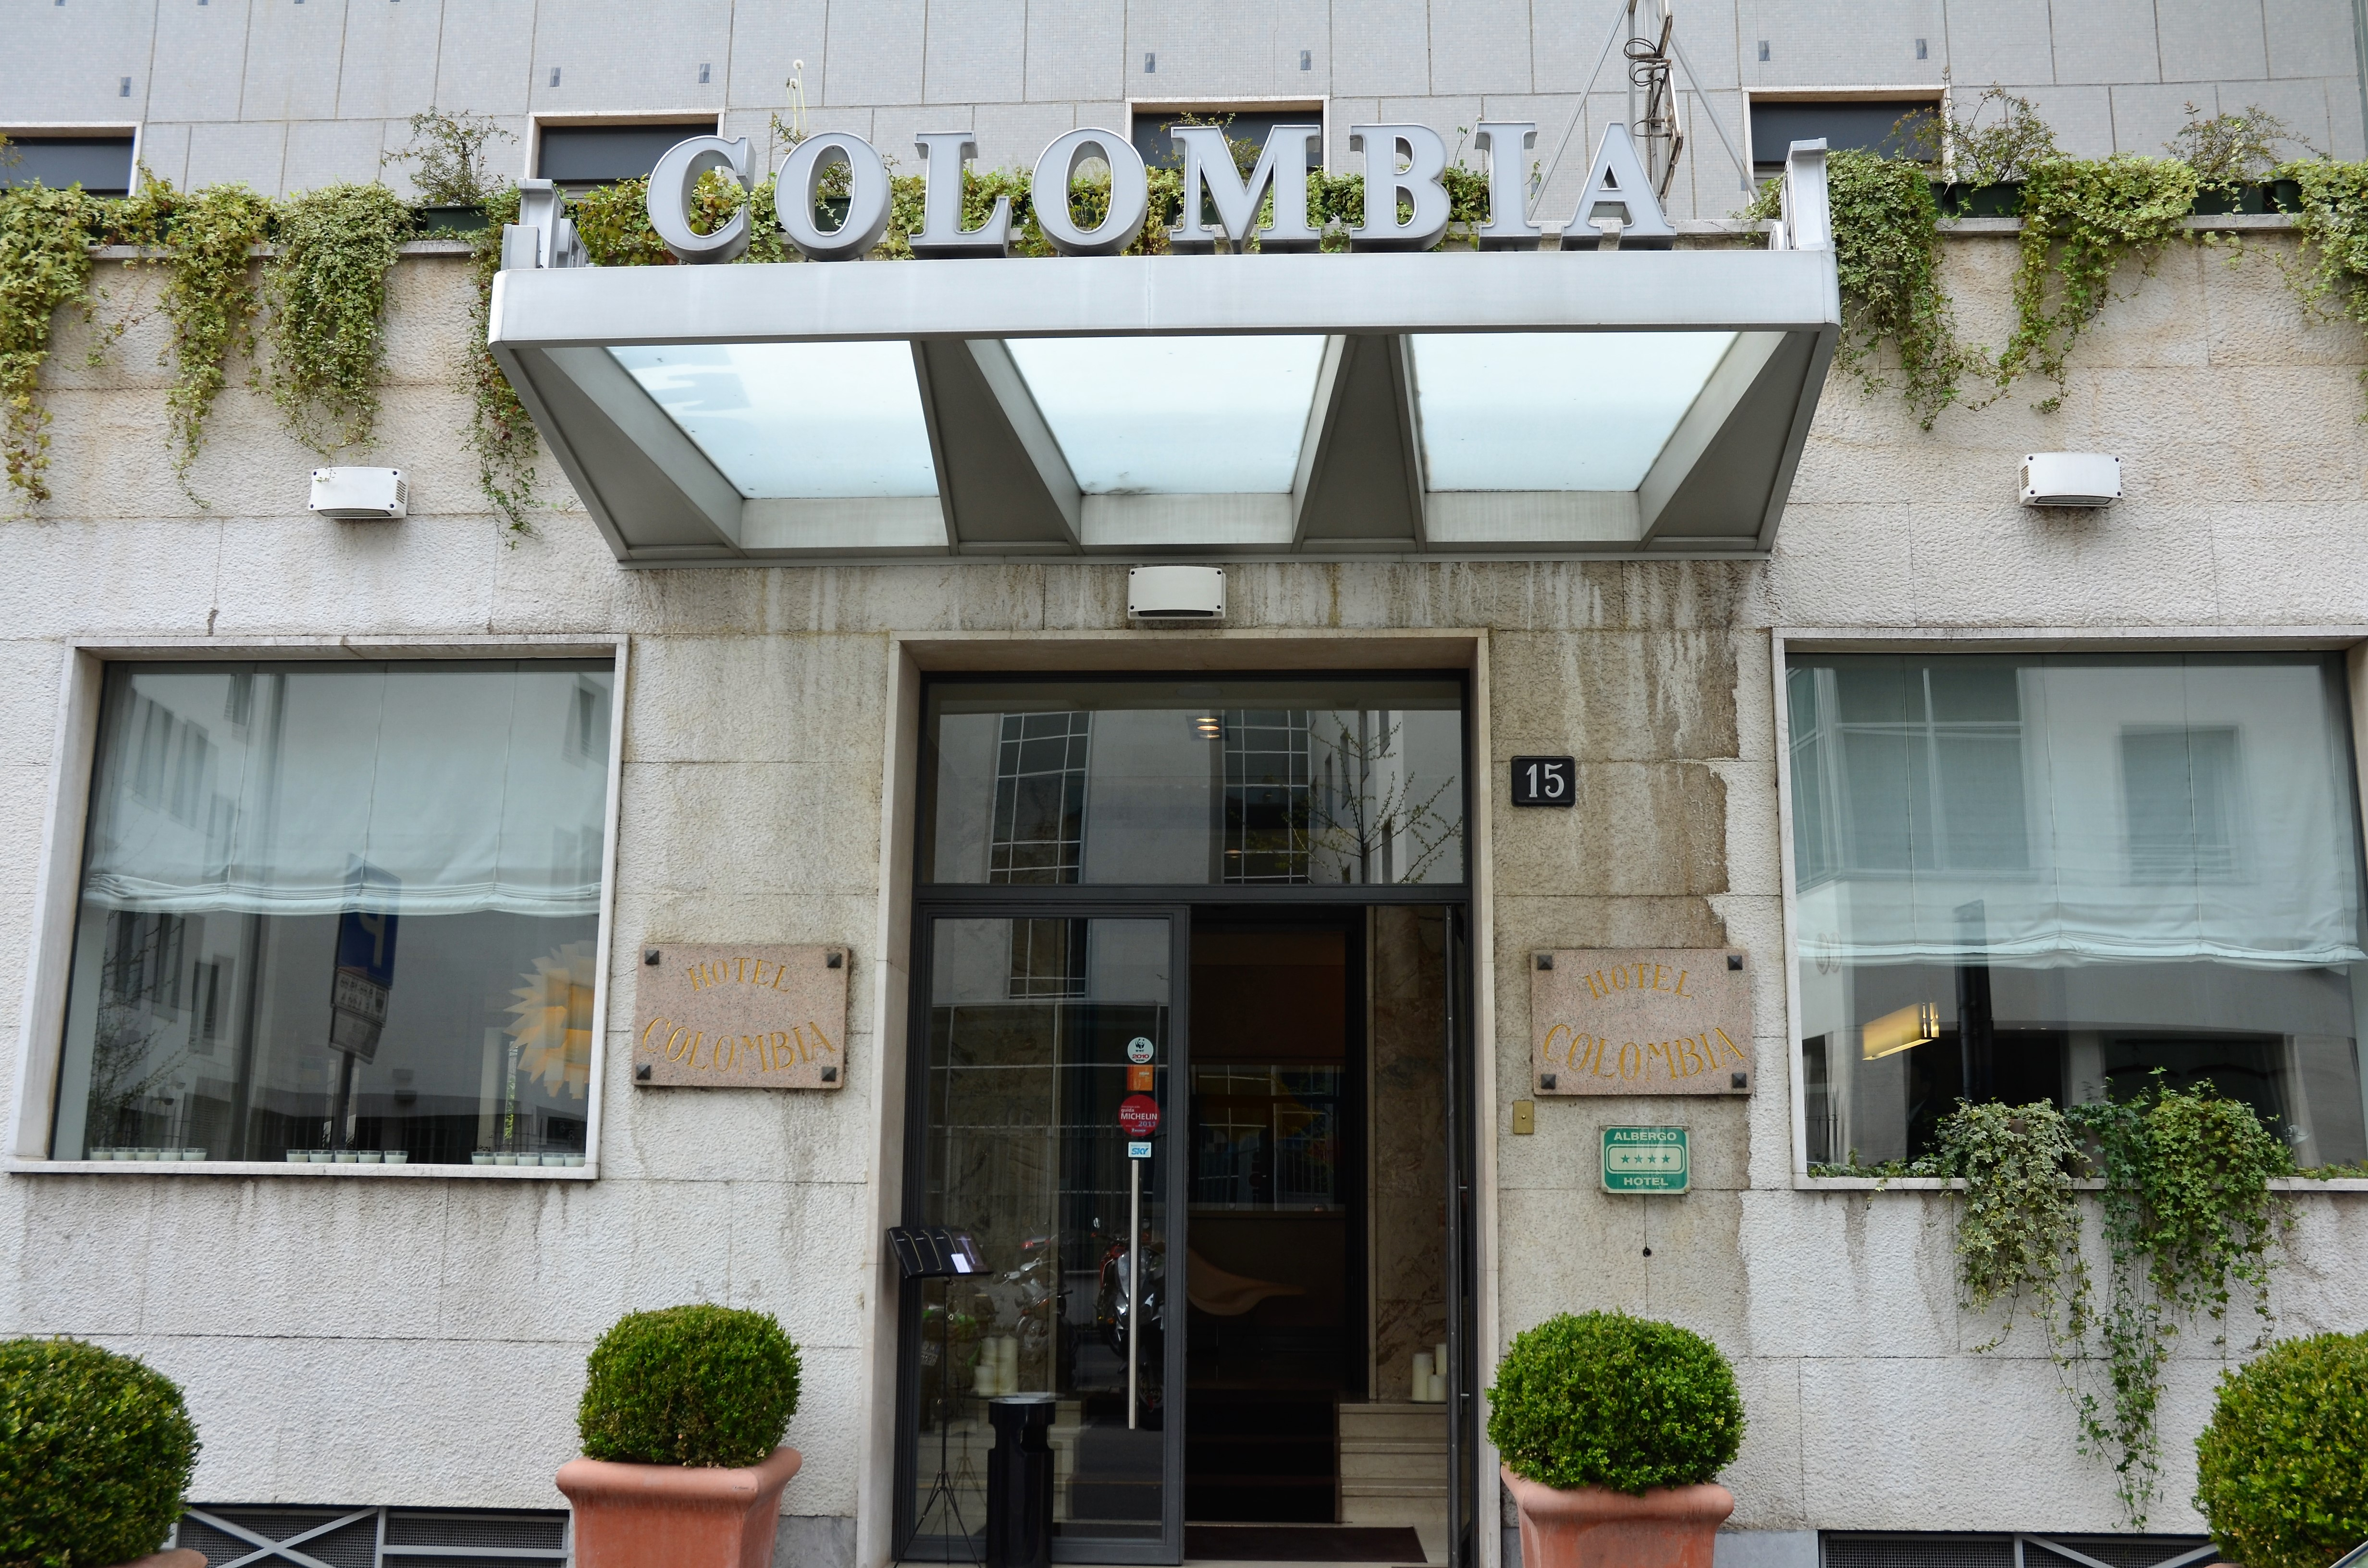 hotel colombia 7 - アーモイタリア提携ホテル「ホテルコロンビア」